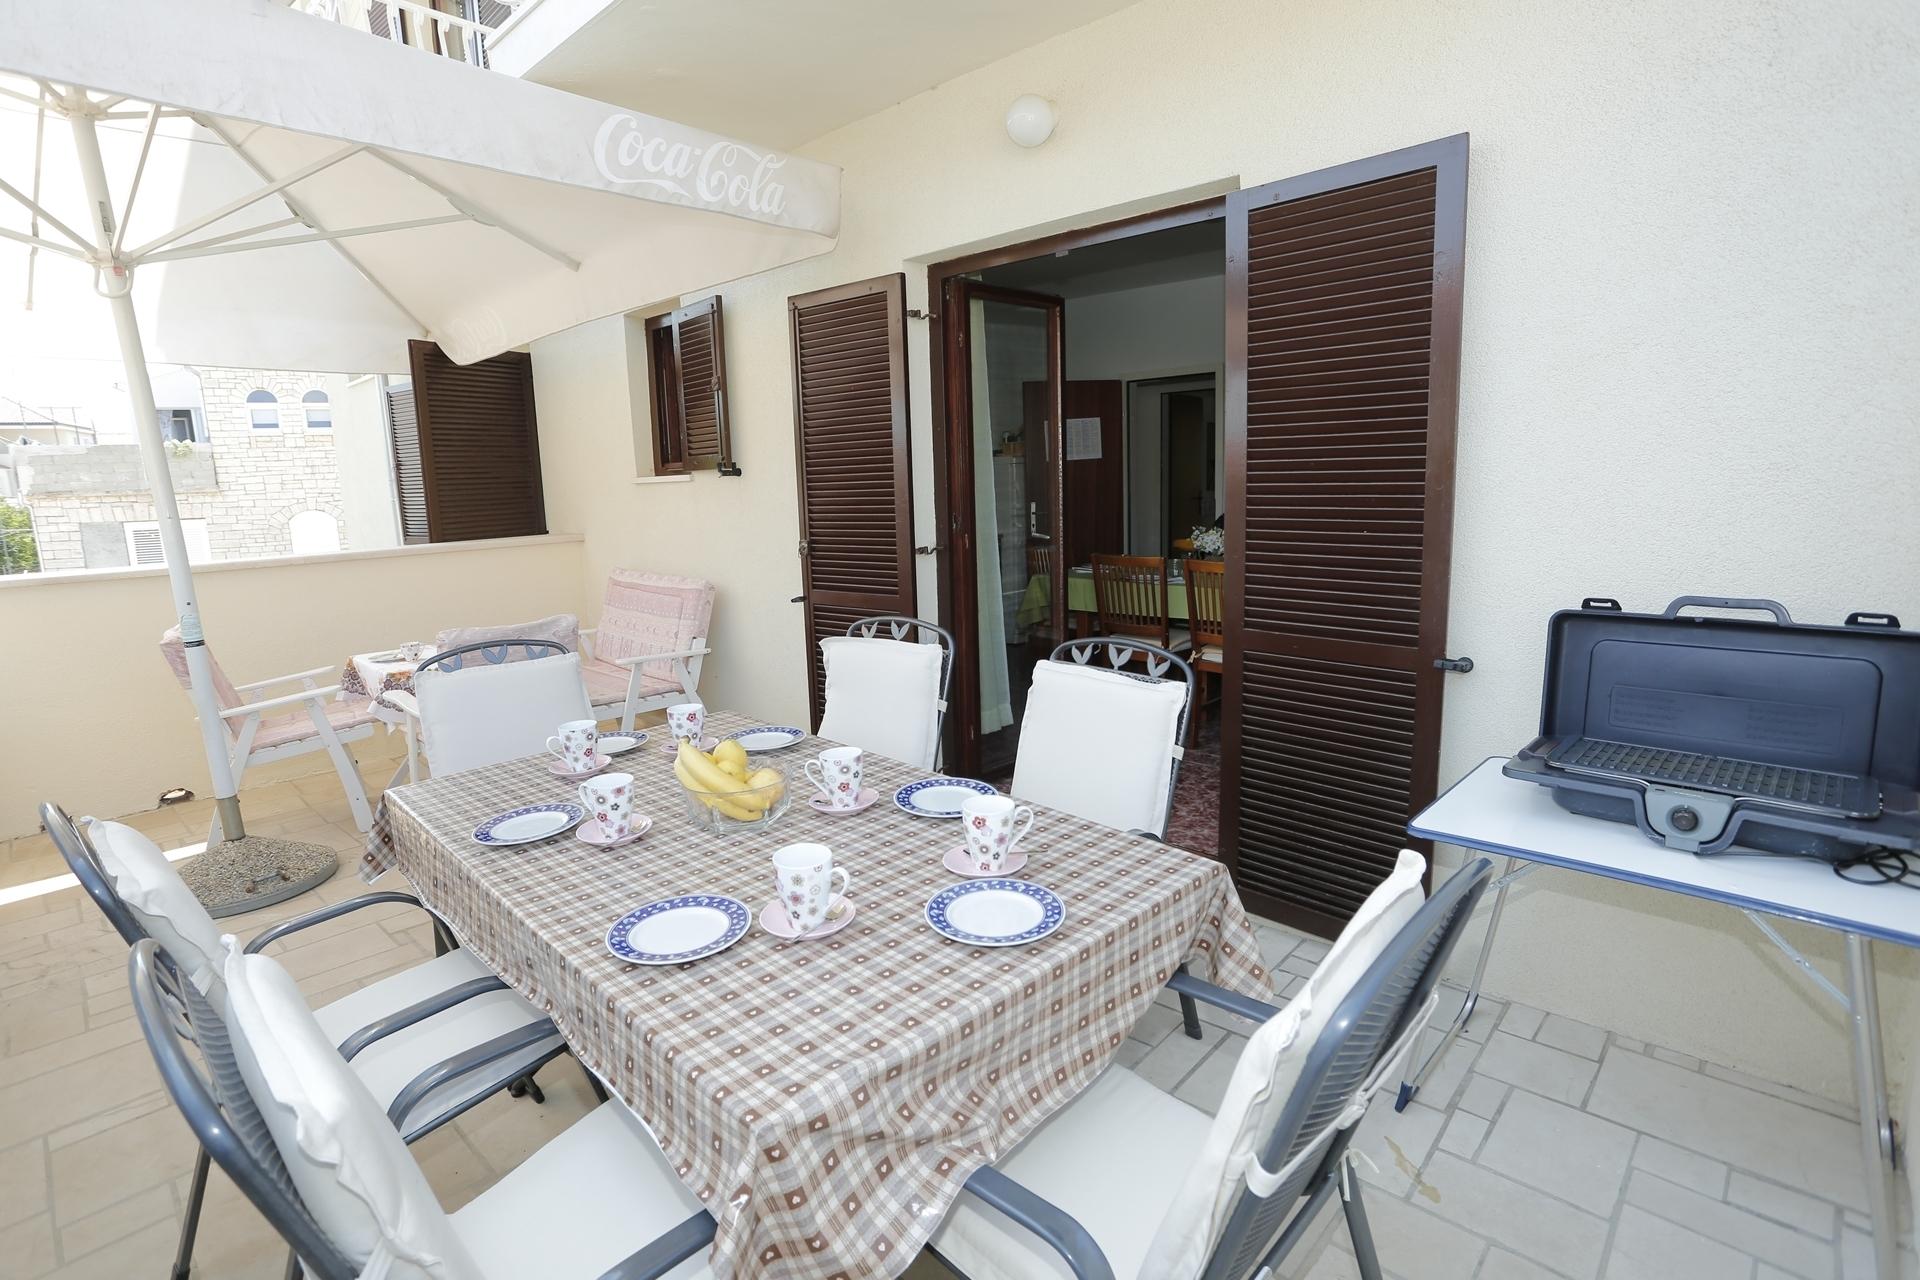 Mira - Supetar - Apartamenty Chorwacja